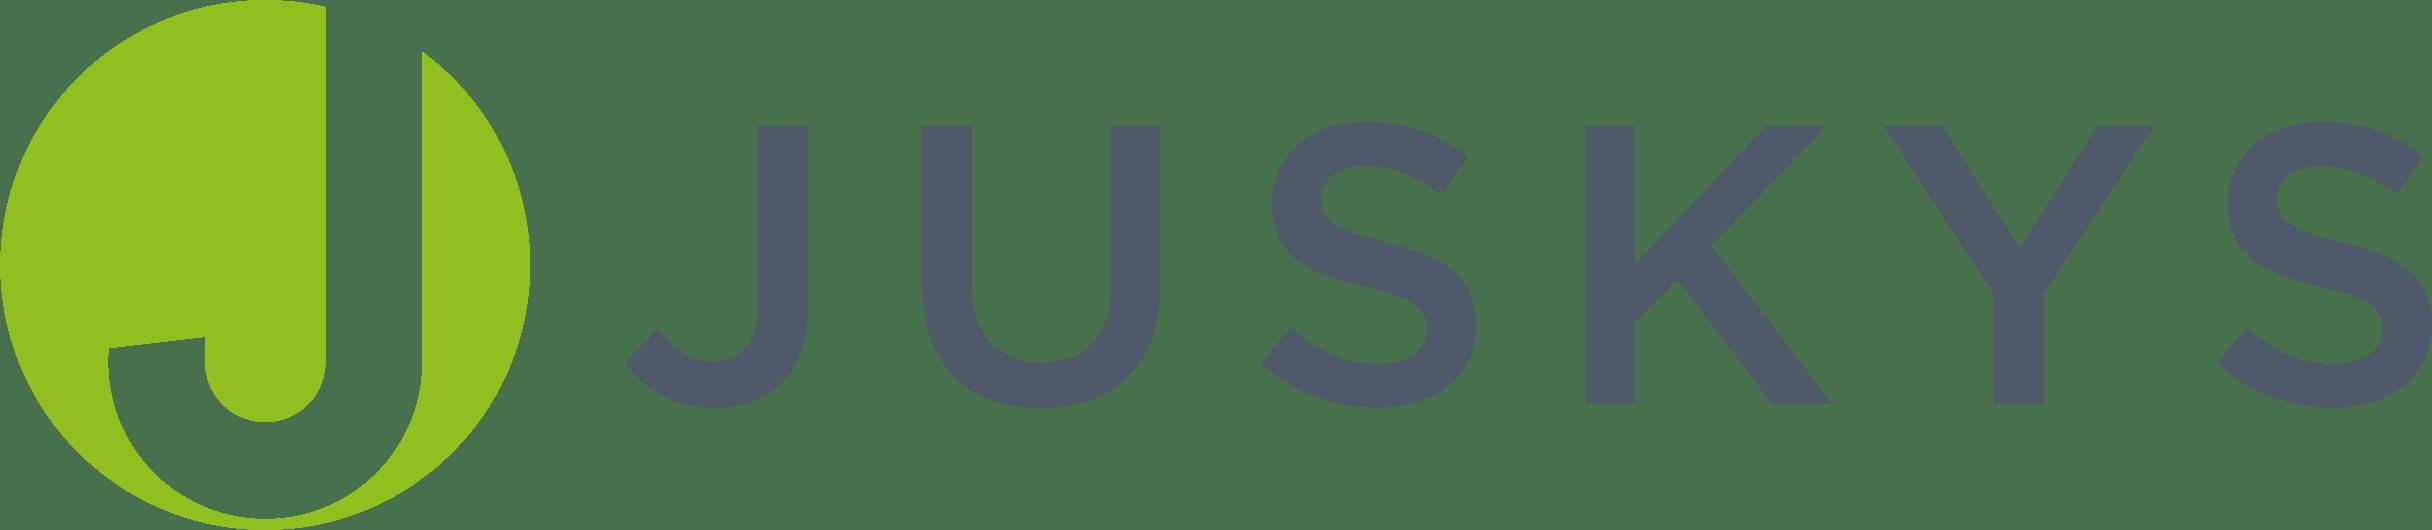 Juskys Logo